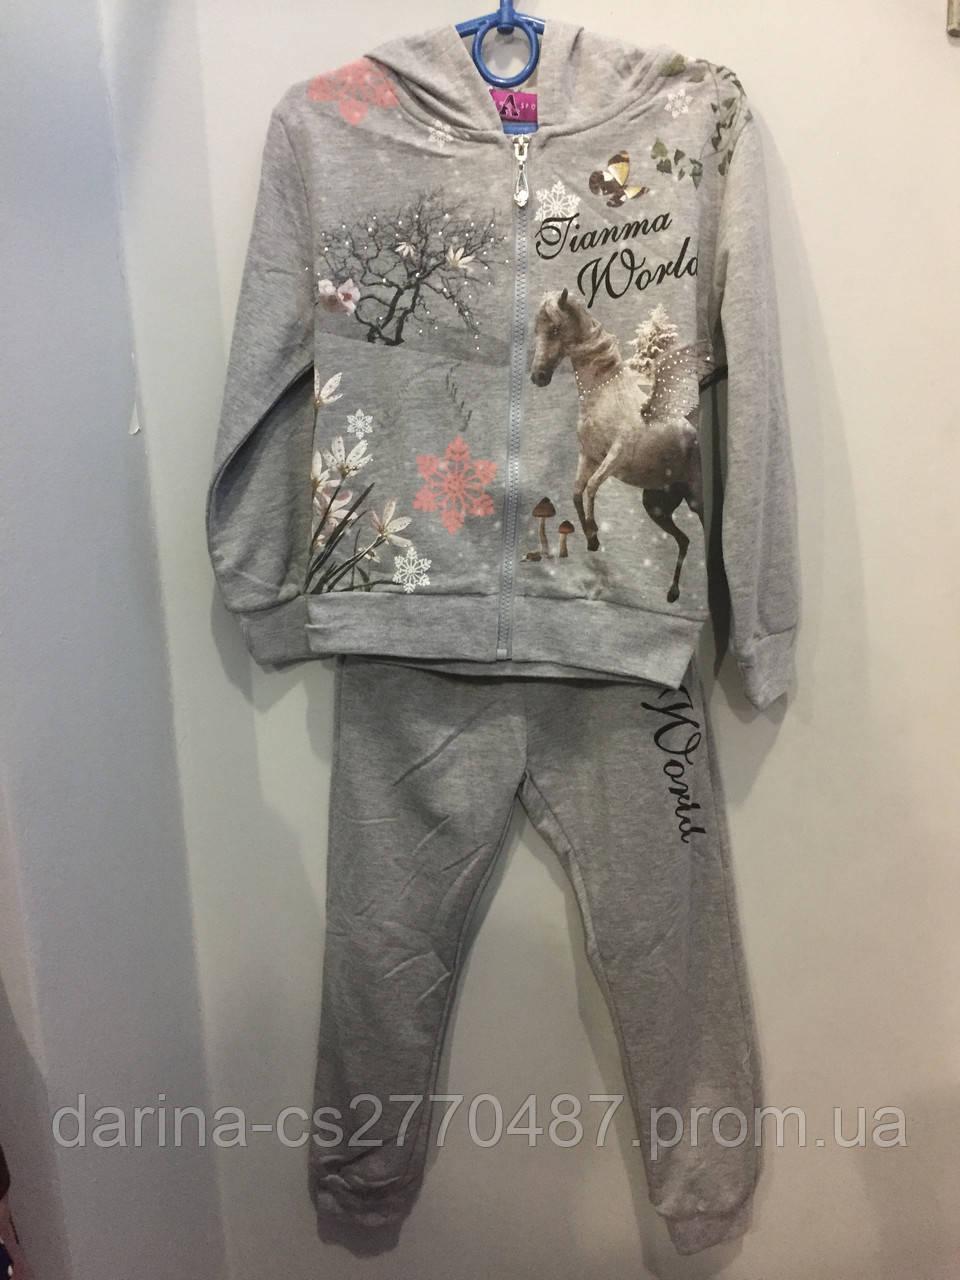 Детский спортивный костюм для девочки 116 см